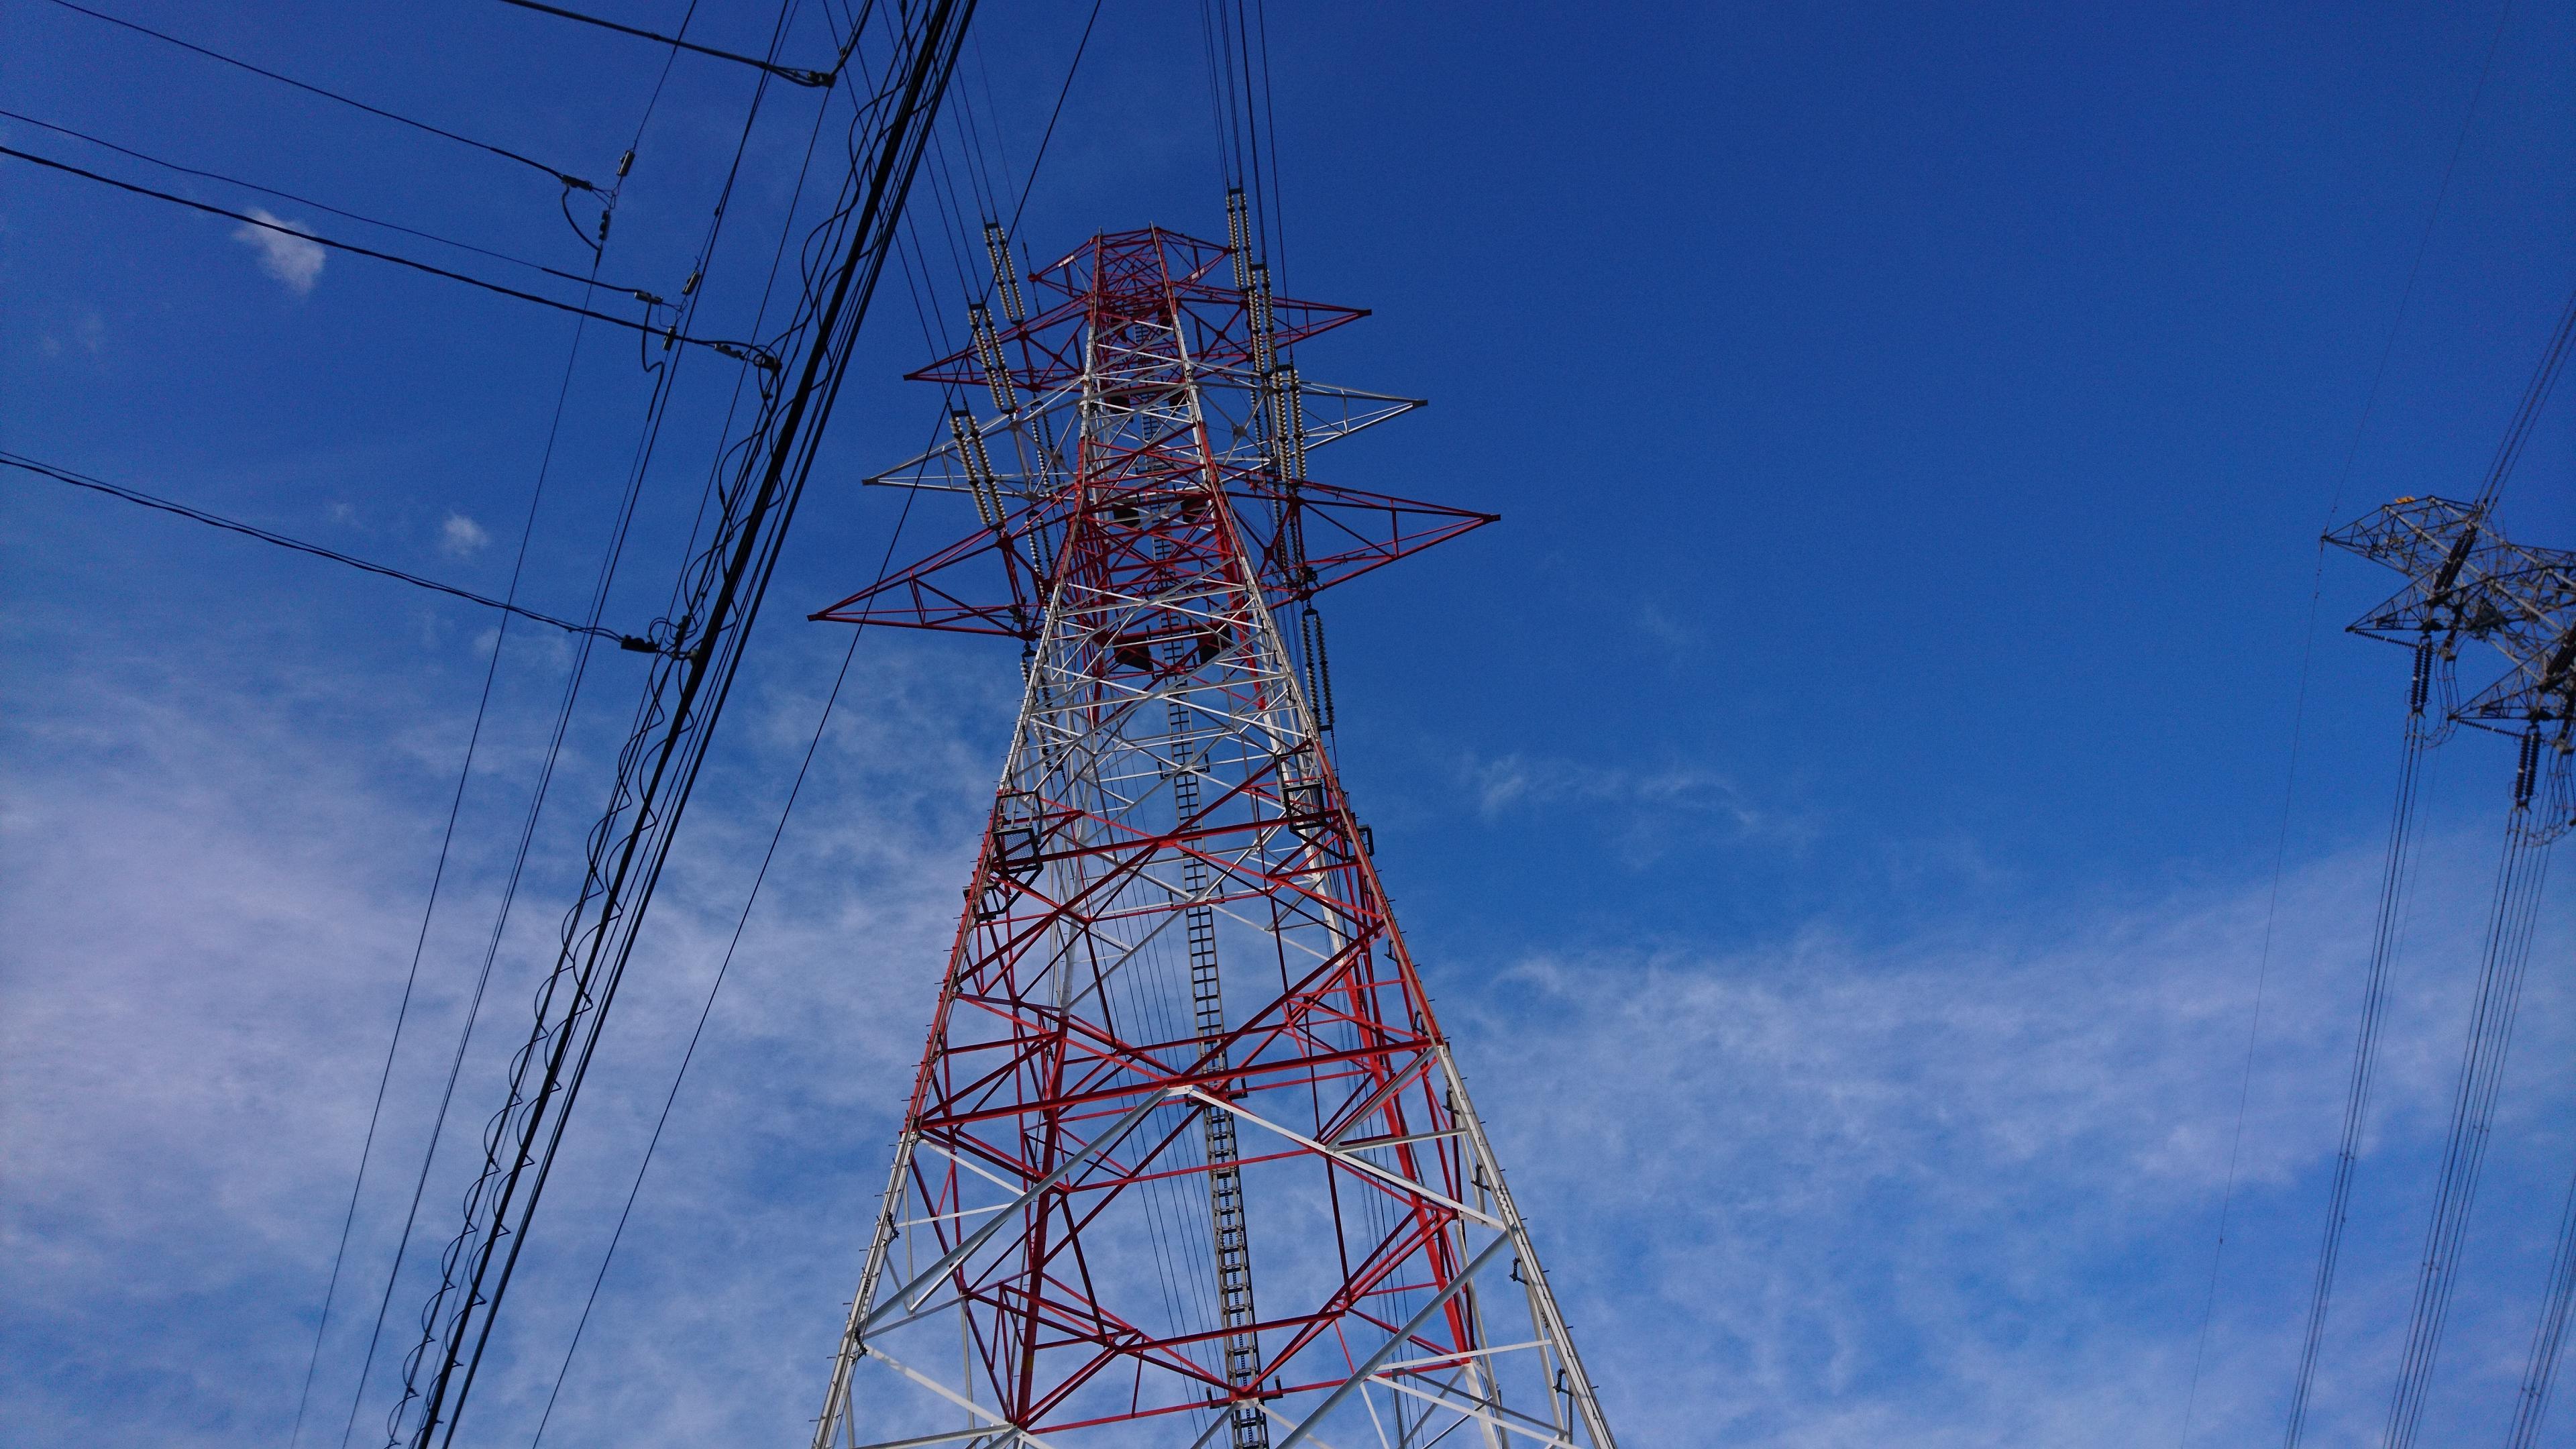 送電線の近くに住んだ場合は子供に電磁波の影響はあるのか?